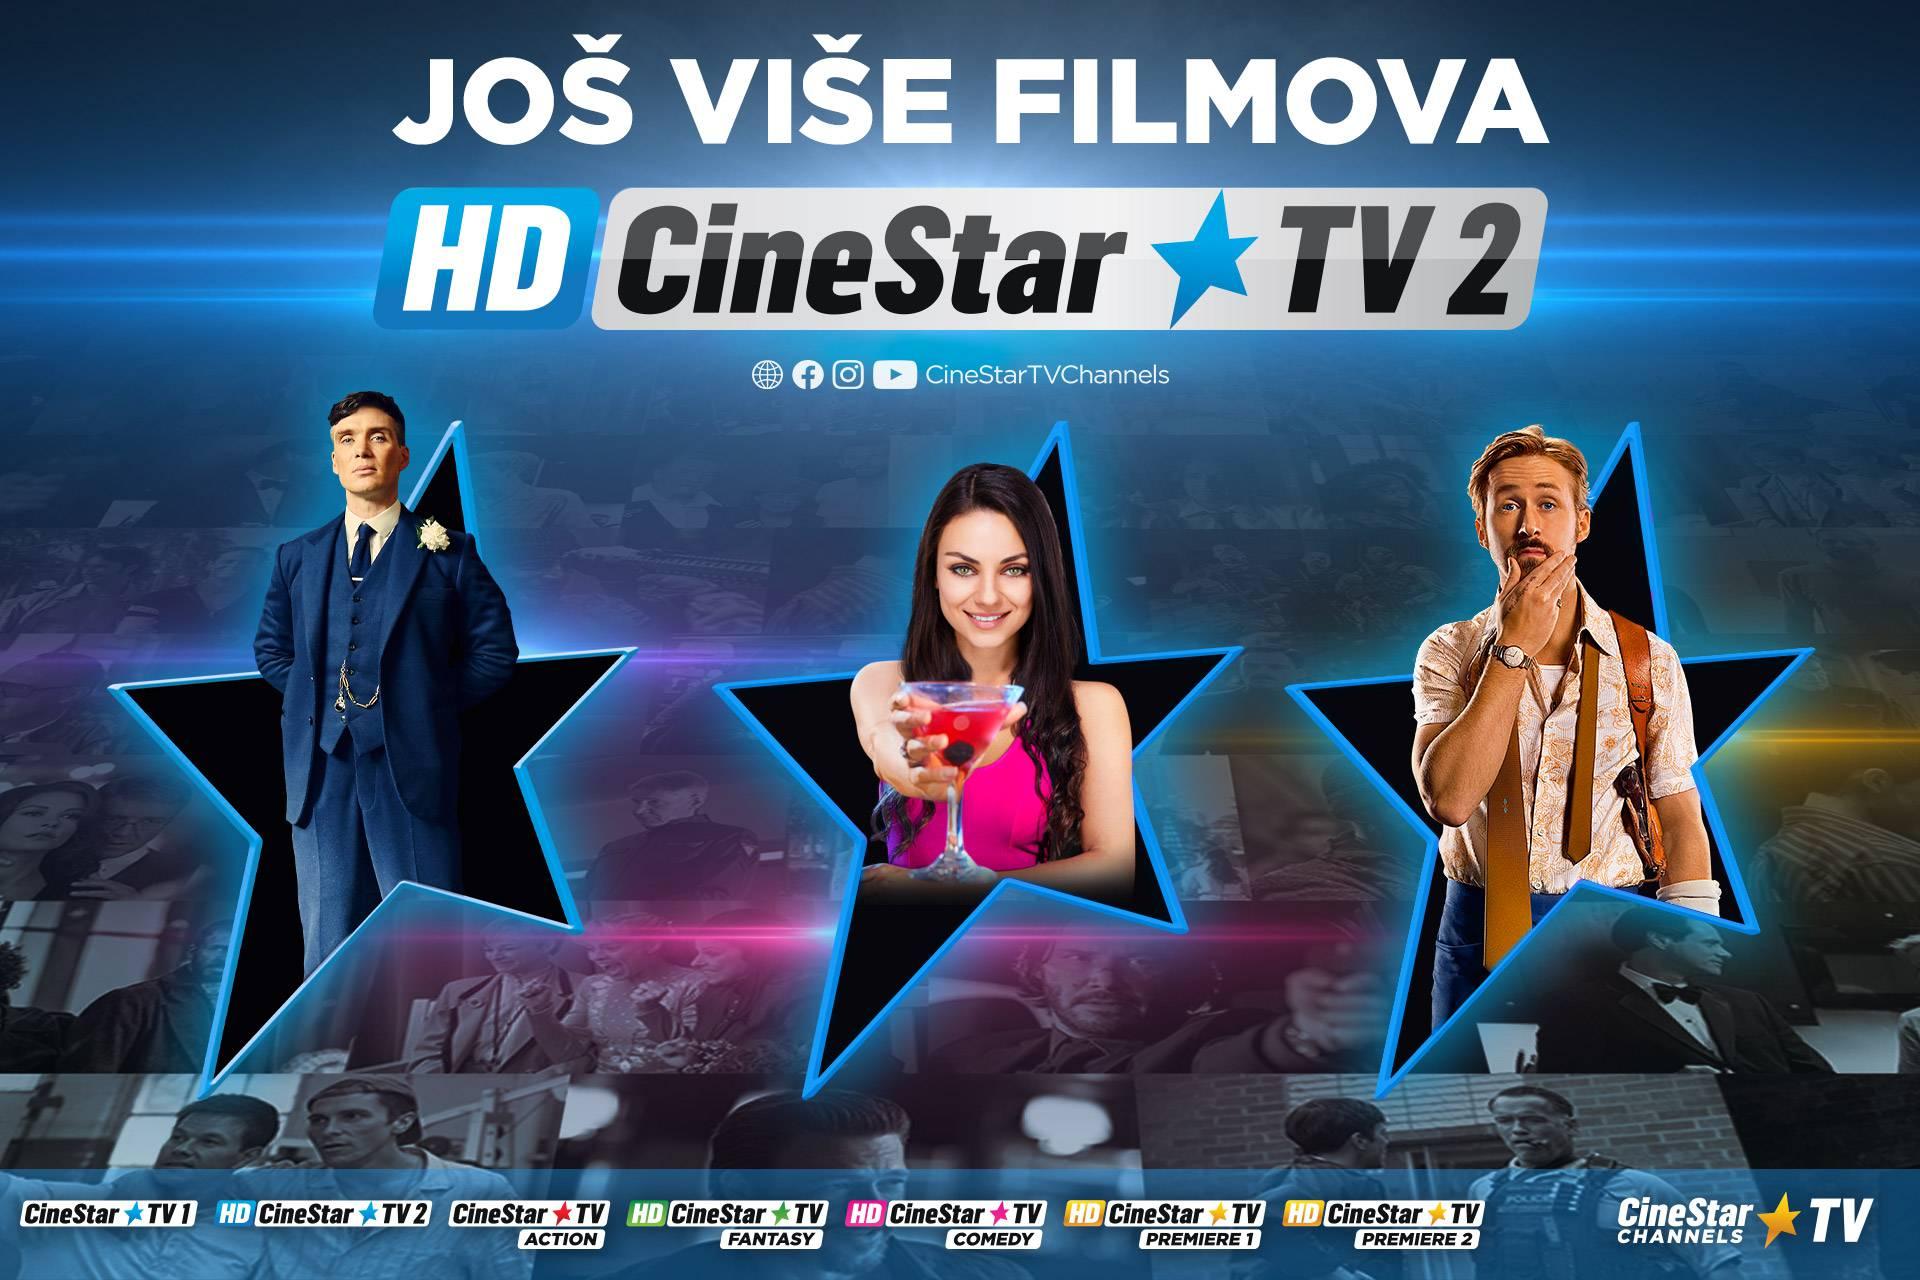 Novi kanal Cinestar TV 2 HD donosi još više filmova!